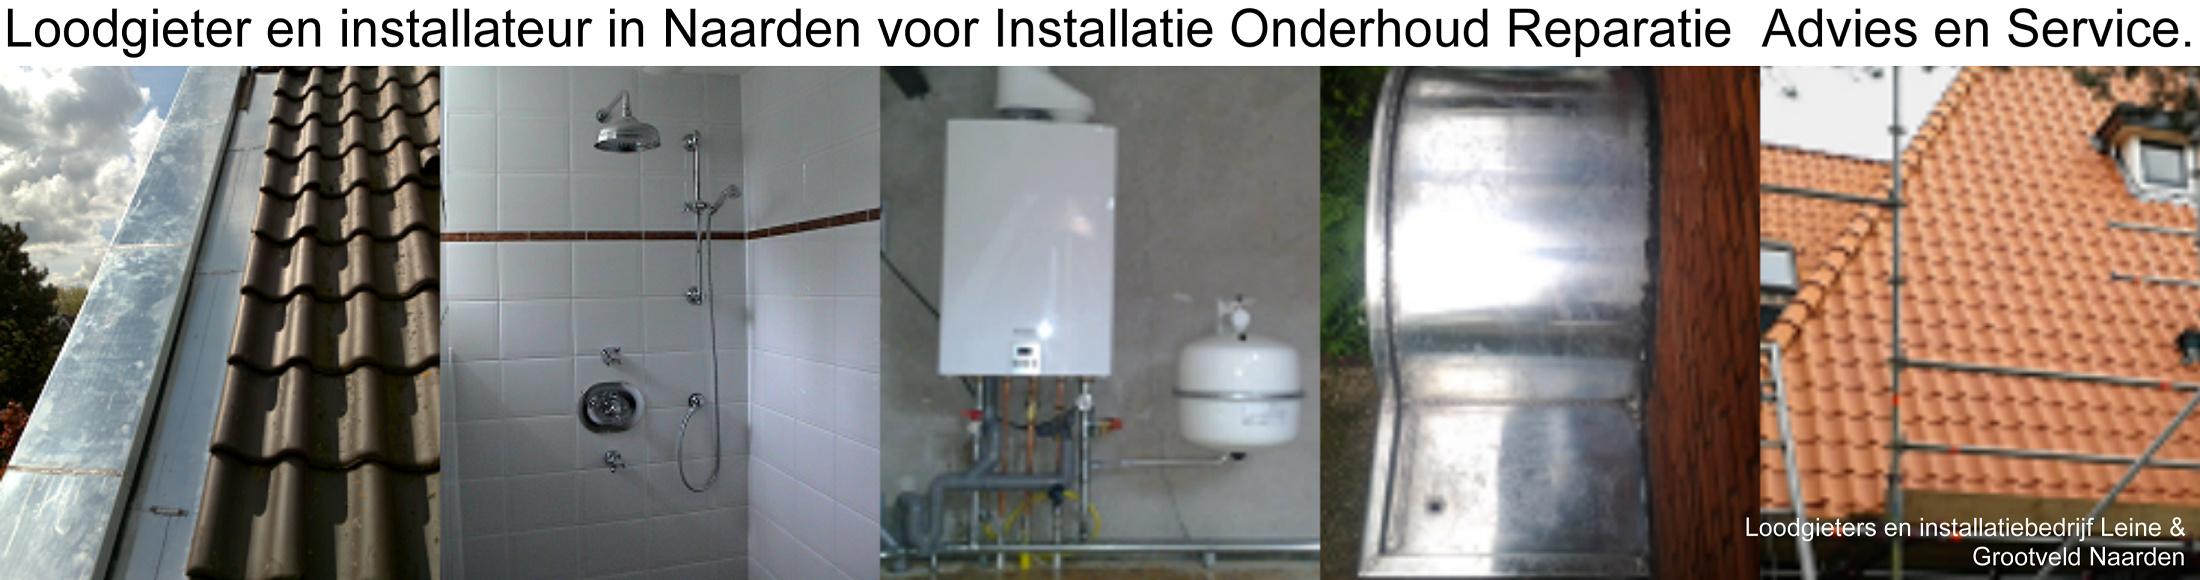 Loodgieter Naarden Bussum Hilversum Muiderberg Muiden Huizen Almere laren Gooise-meren